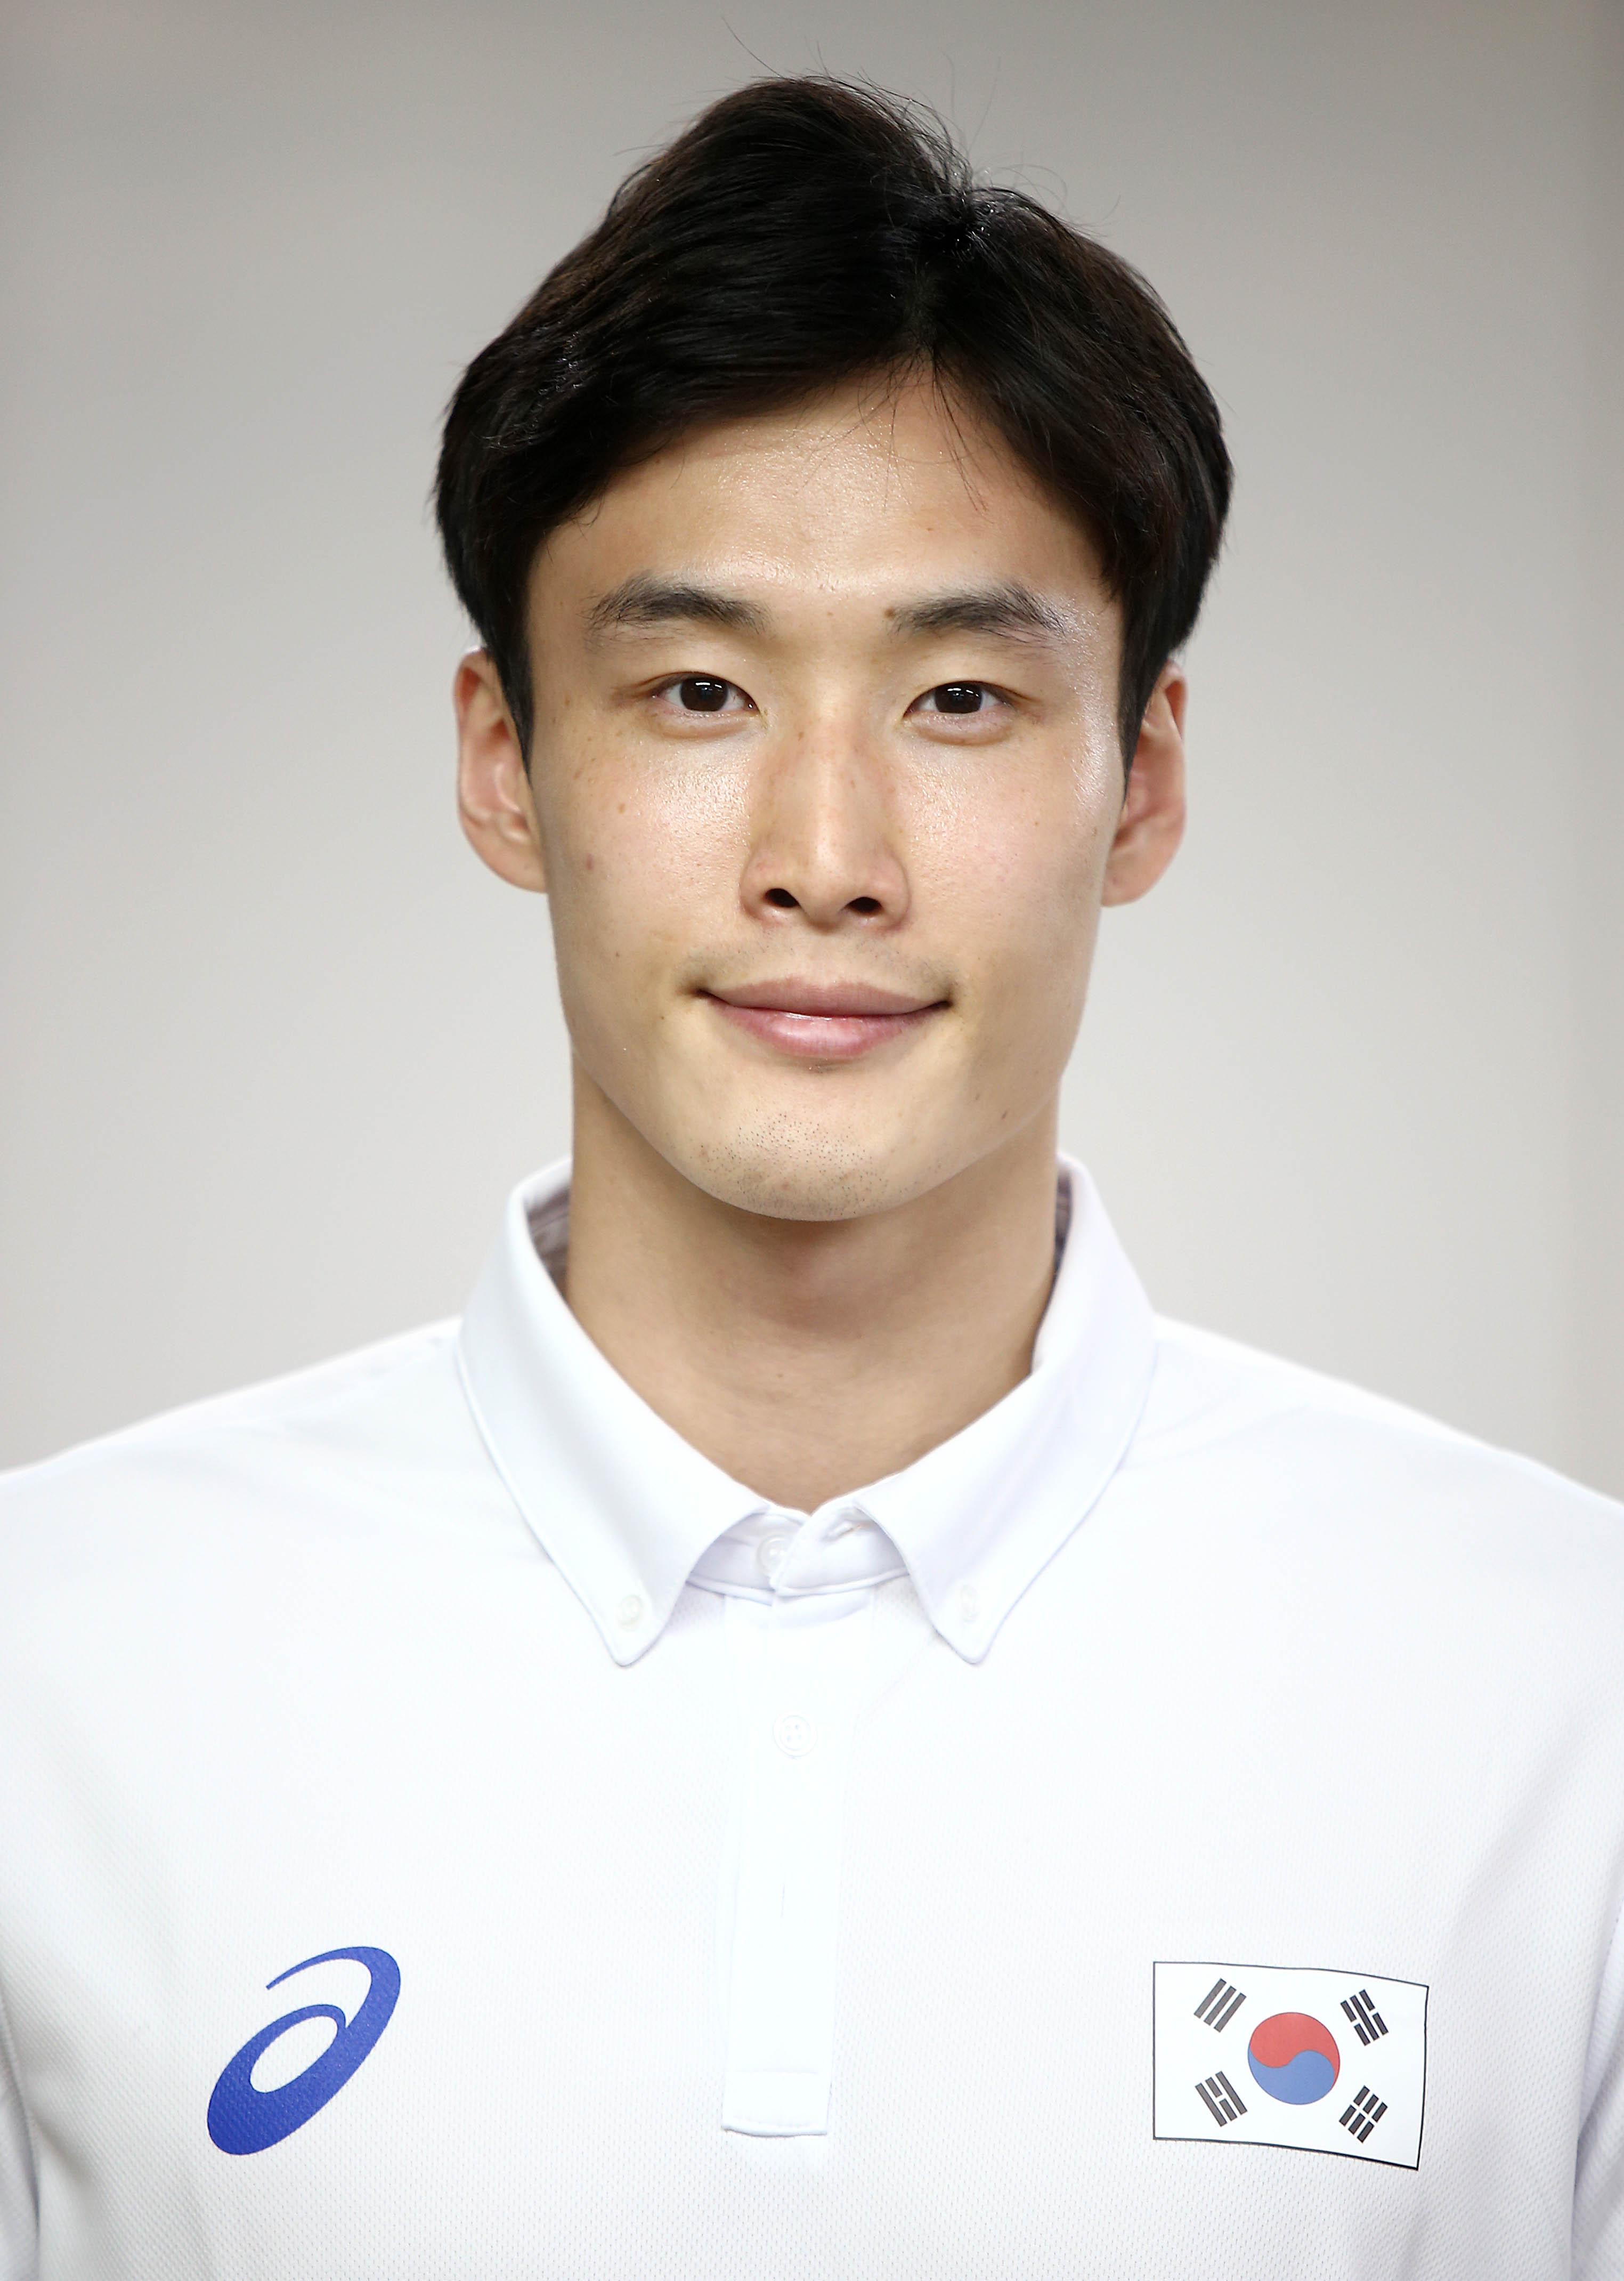 Hong-Suk Choi